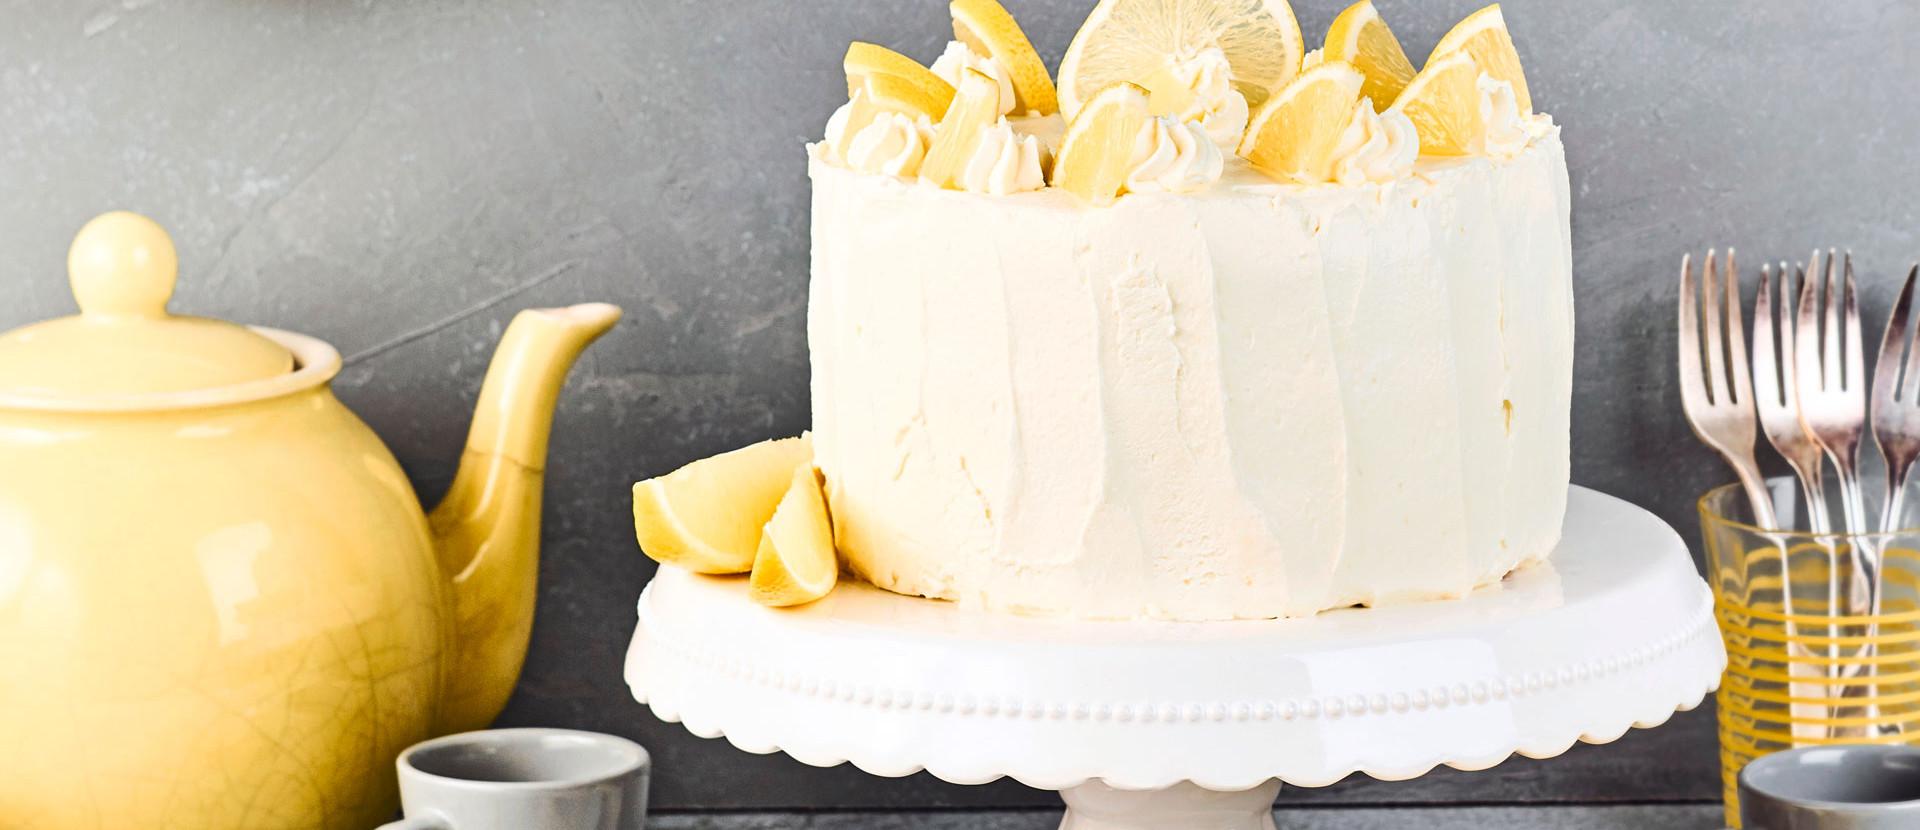 Zitronencreme Biskuit Torte